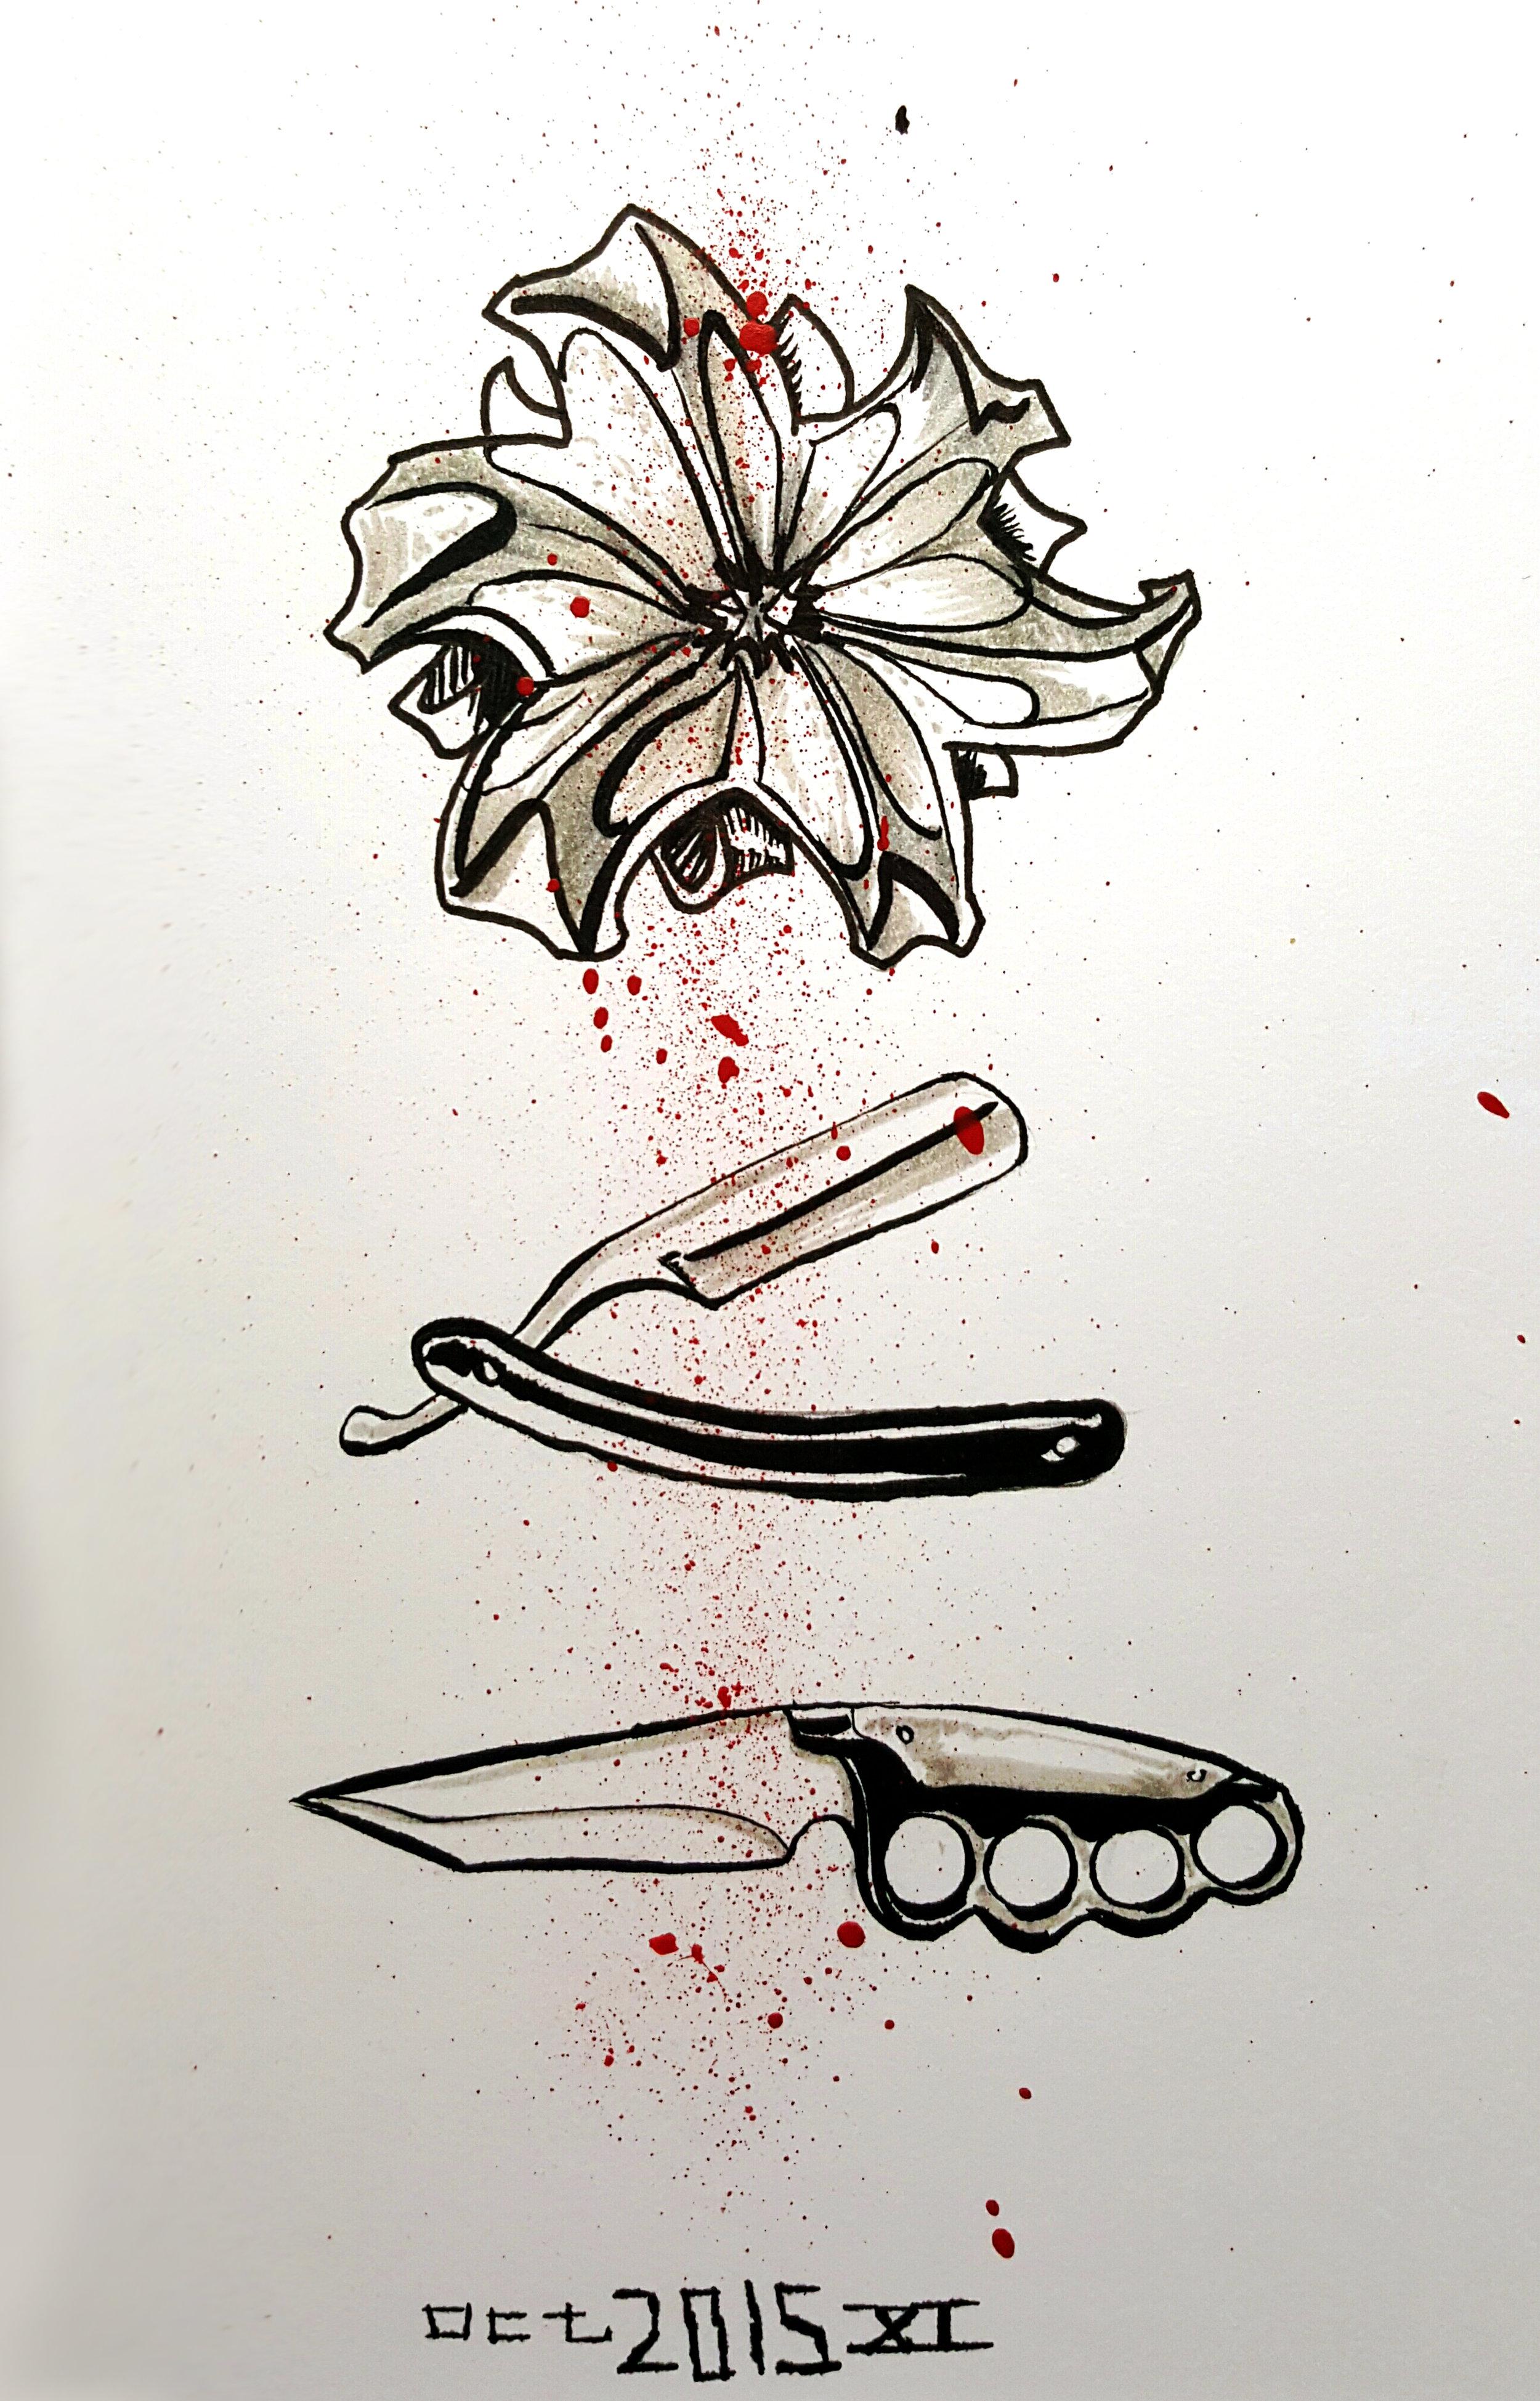 11_gunsrazorsknives.jpg